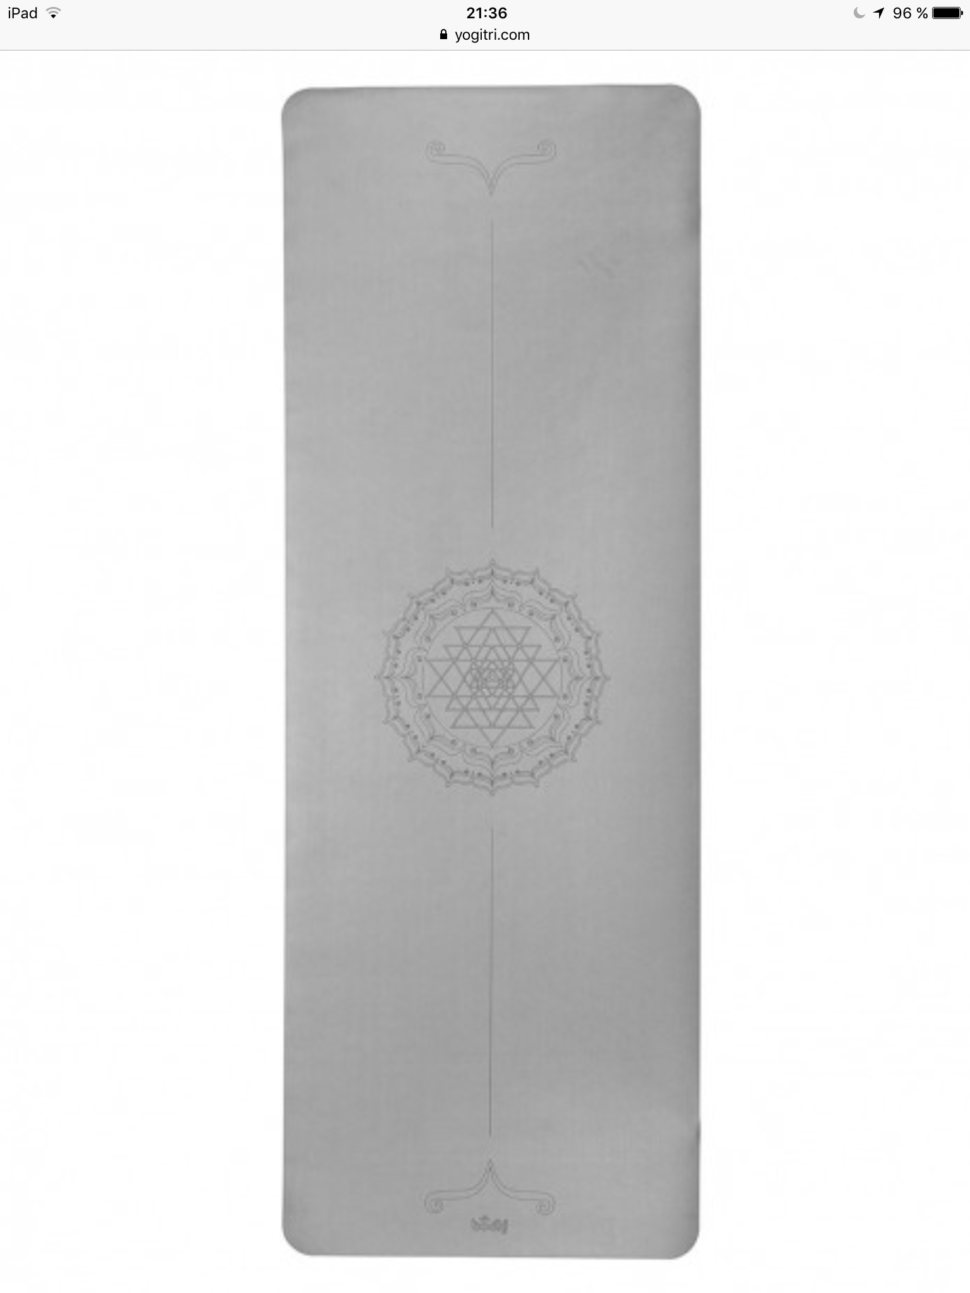 Velmi kvalitní jóga podložka s potiskem v eshopu jógy z obýváku.